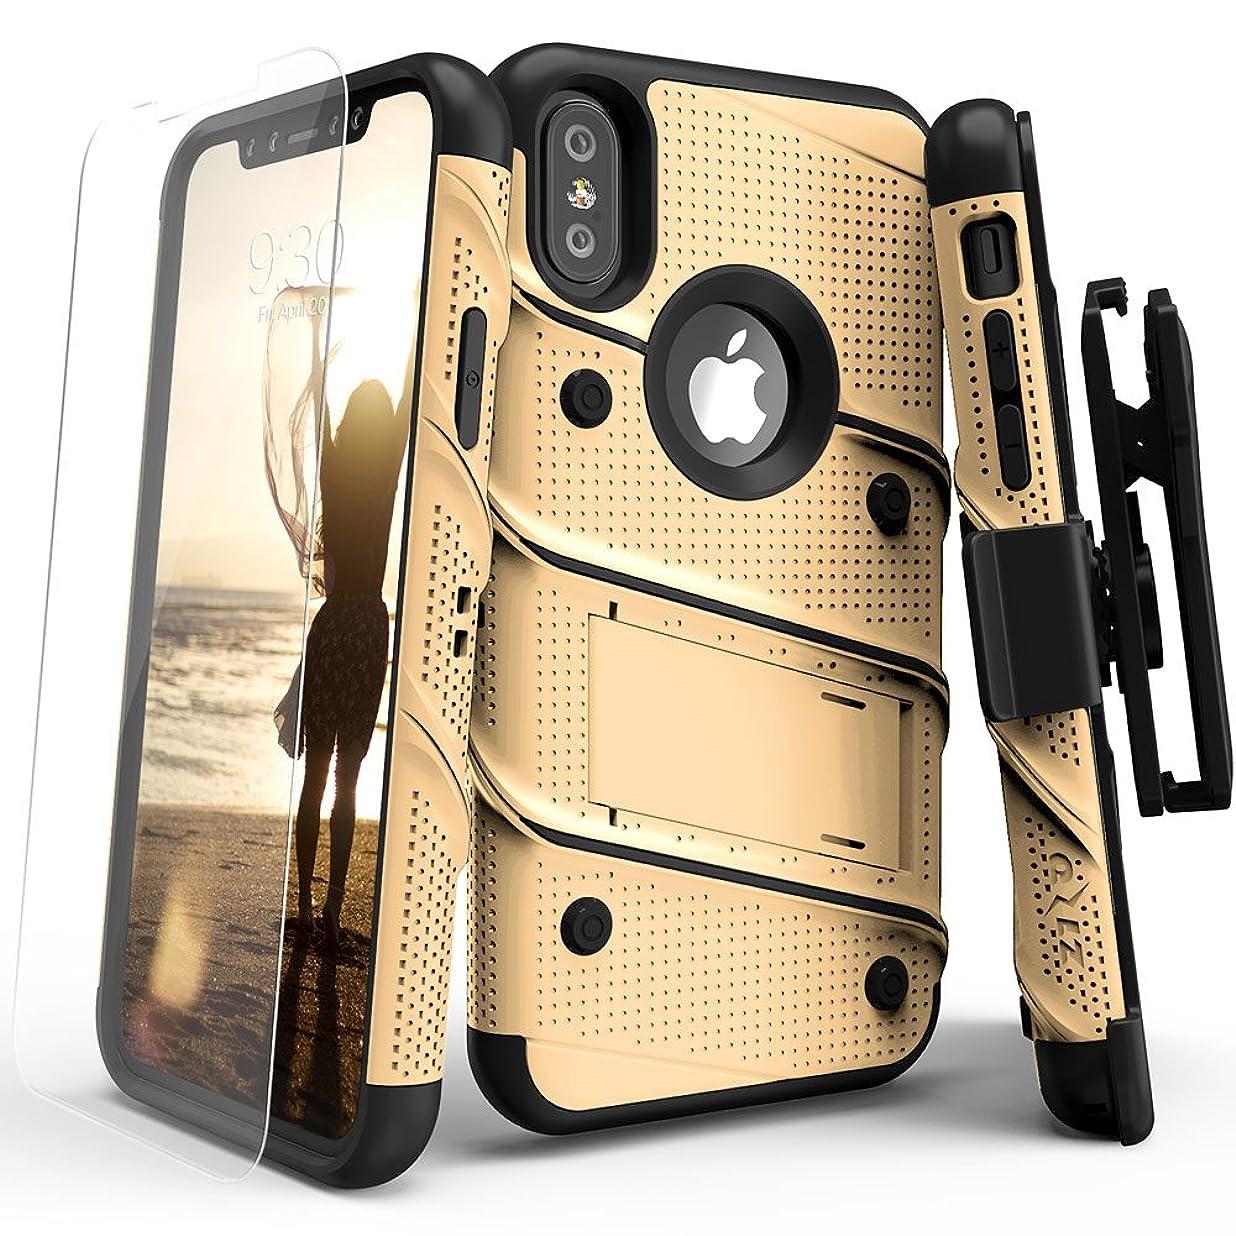 拳段落ジャーナリストZizo Bolt Case For iPhone X ボルト ケース カバー 耐衝撃 スタンド ホルスター 付き 強化ガラス 極薄 0.33mm 硬度 9H 液晶 保護フィルム 付属 【正規代理店品 】 ゴールド /ブラック